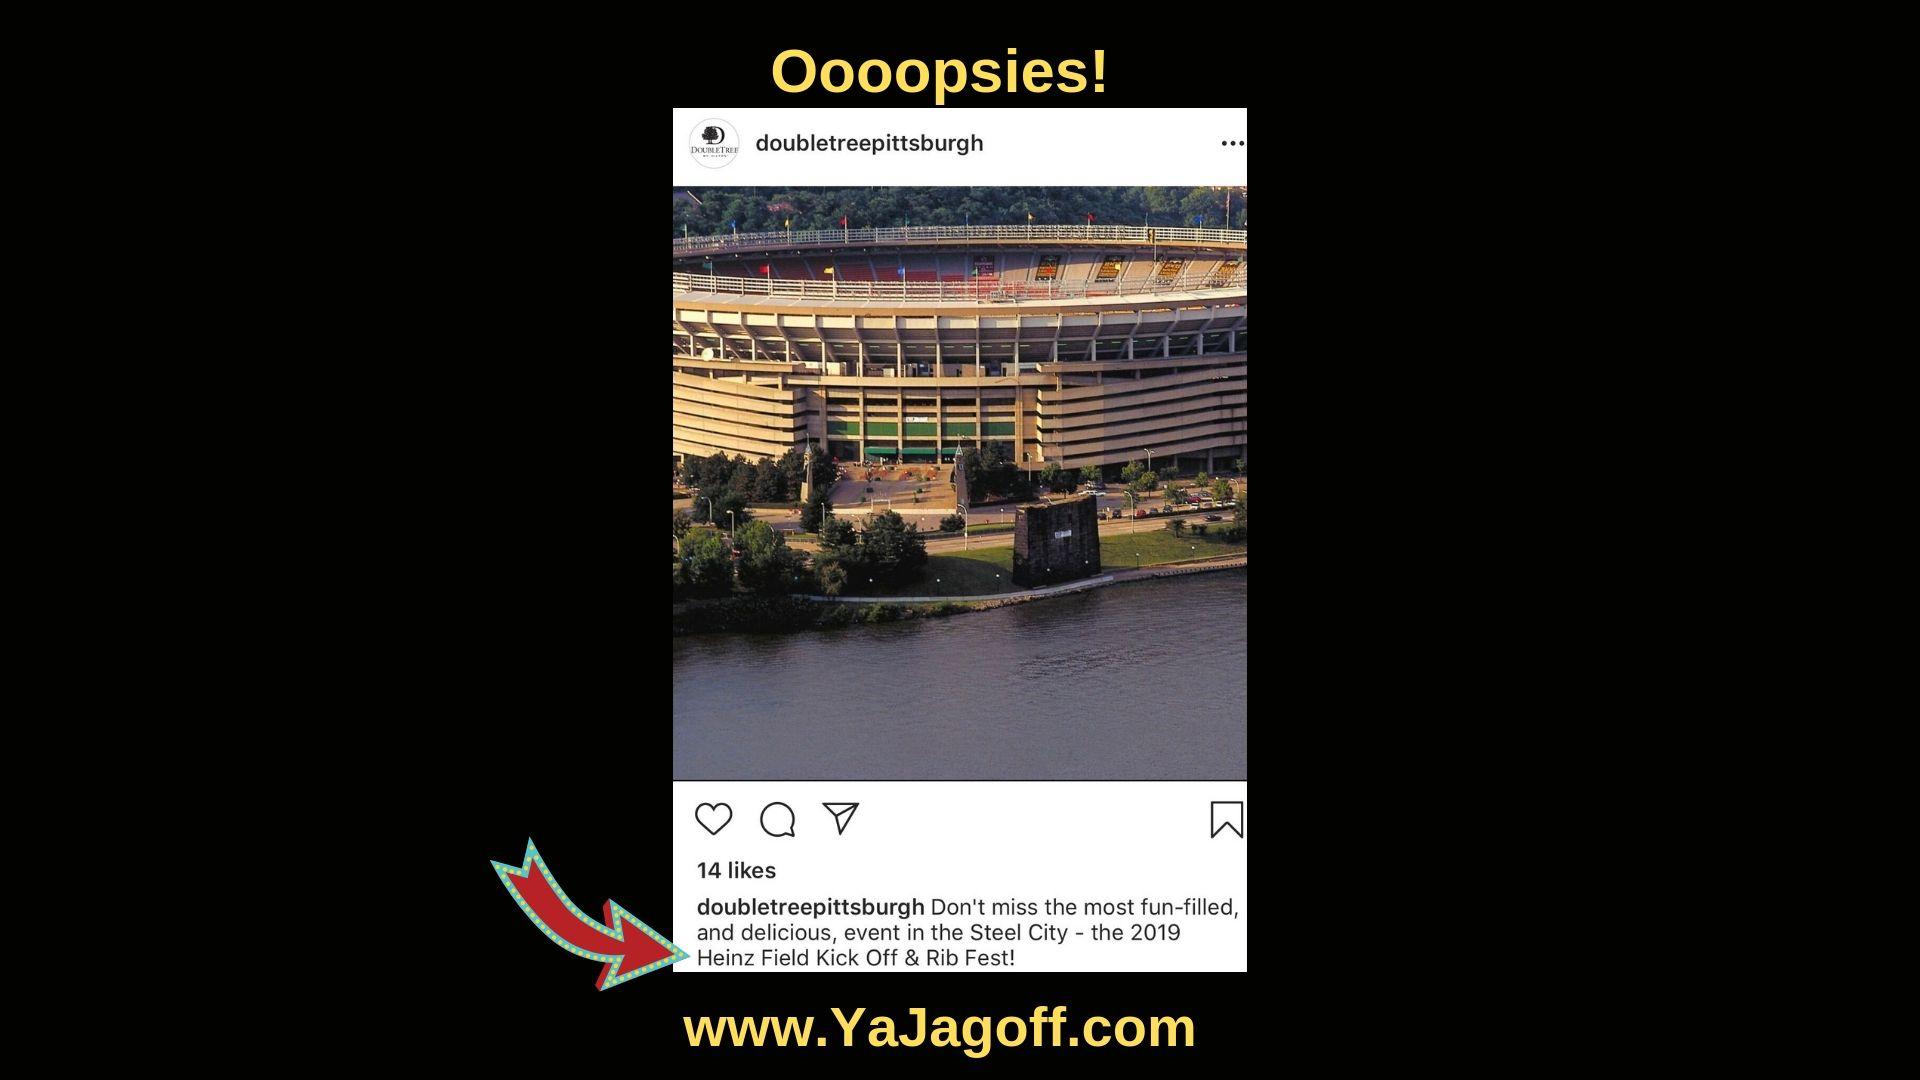 YaJagoff Blog Post